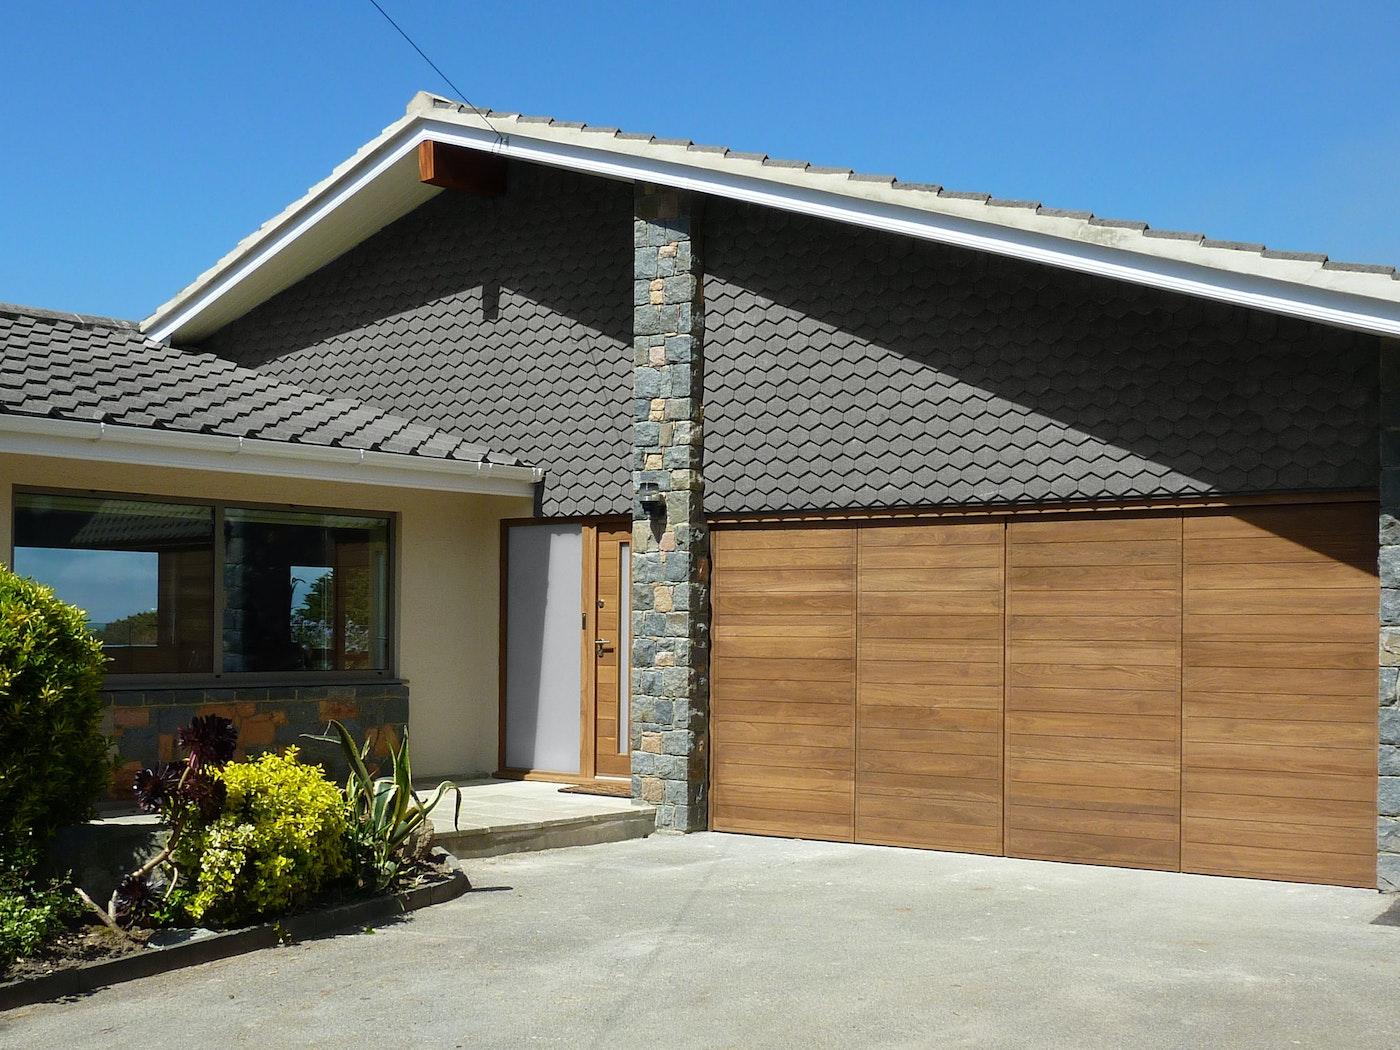 bifold garage doors in a parma design